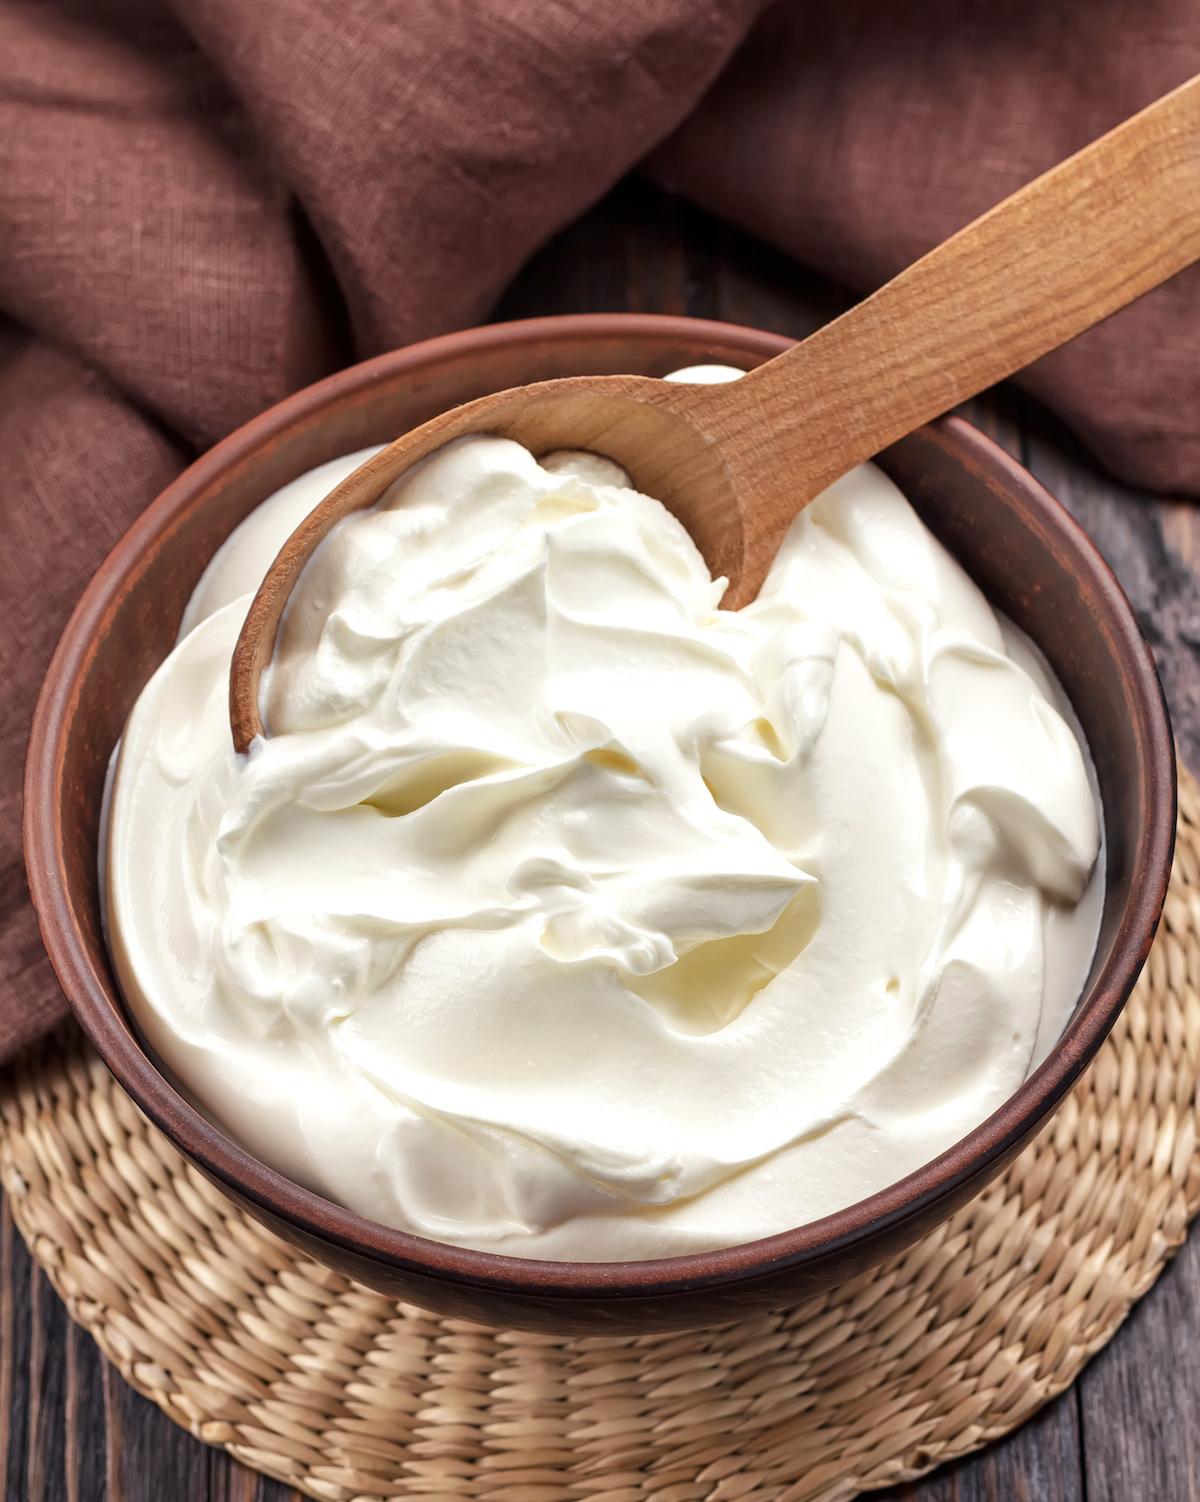 Crème aigre ©Sea Wave shutterstock